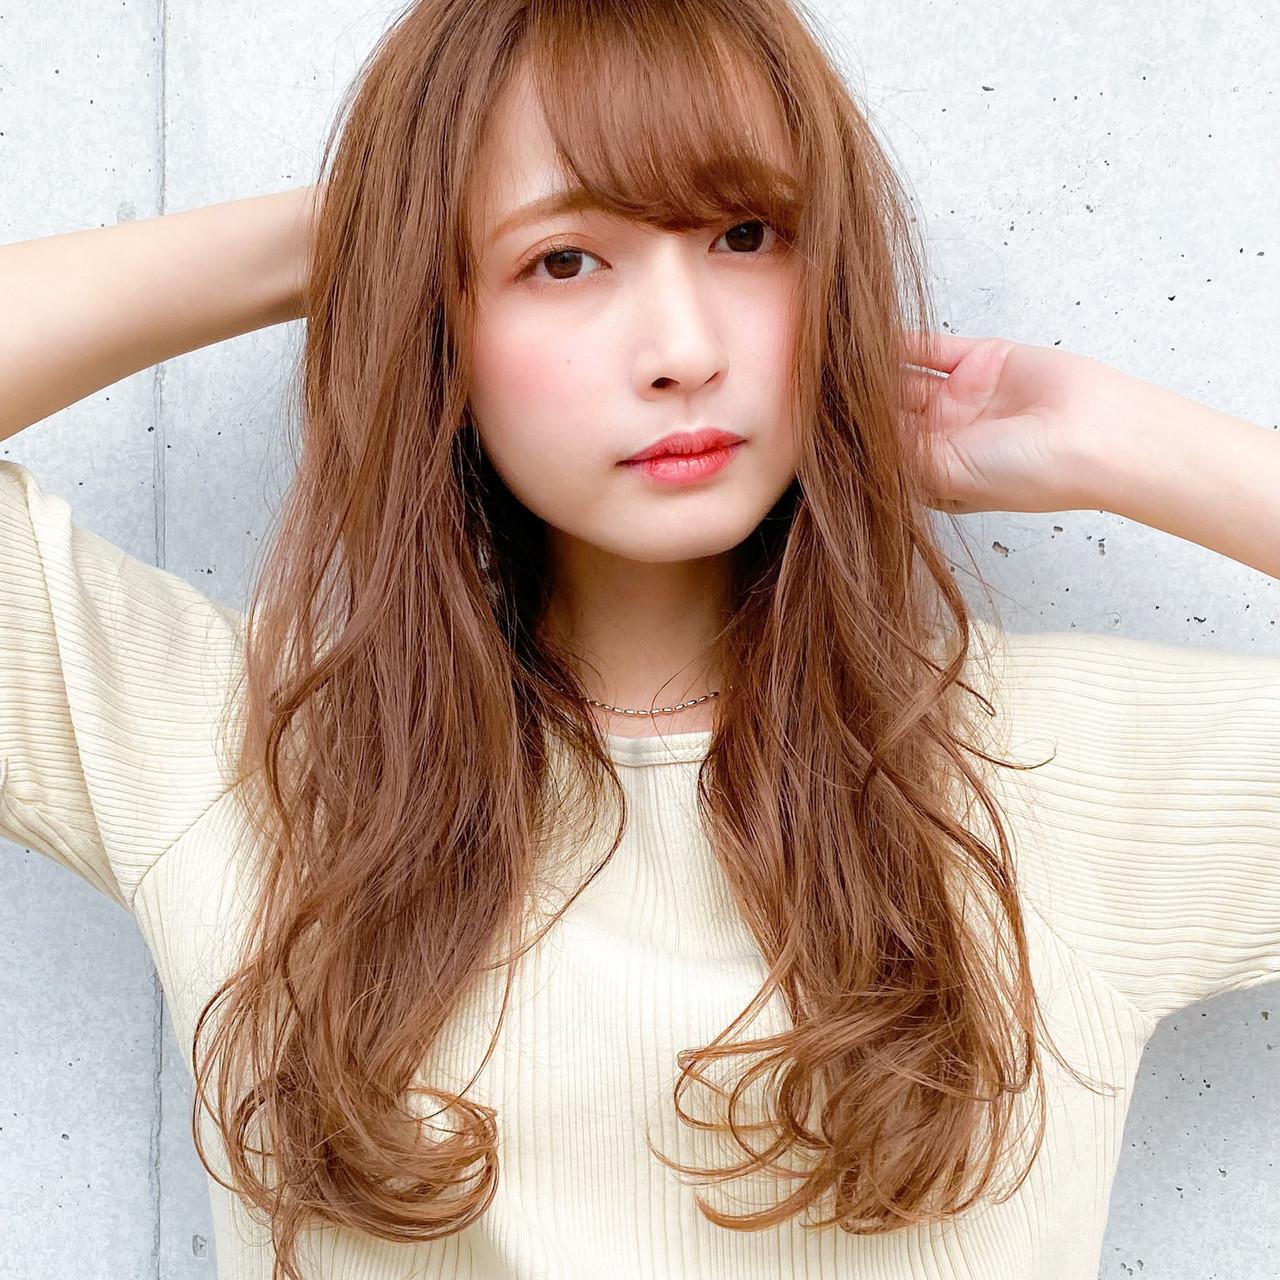 小顔 レイヤーカット デジタルパーマ ロング ヘアスタイルや髪型の写真・画像